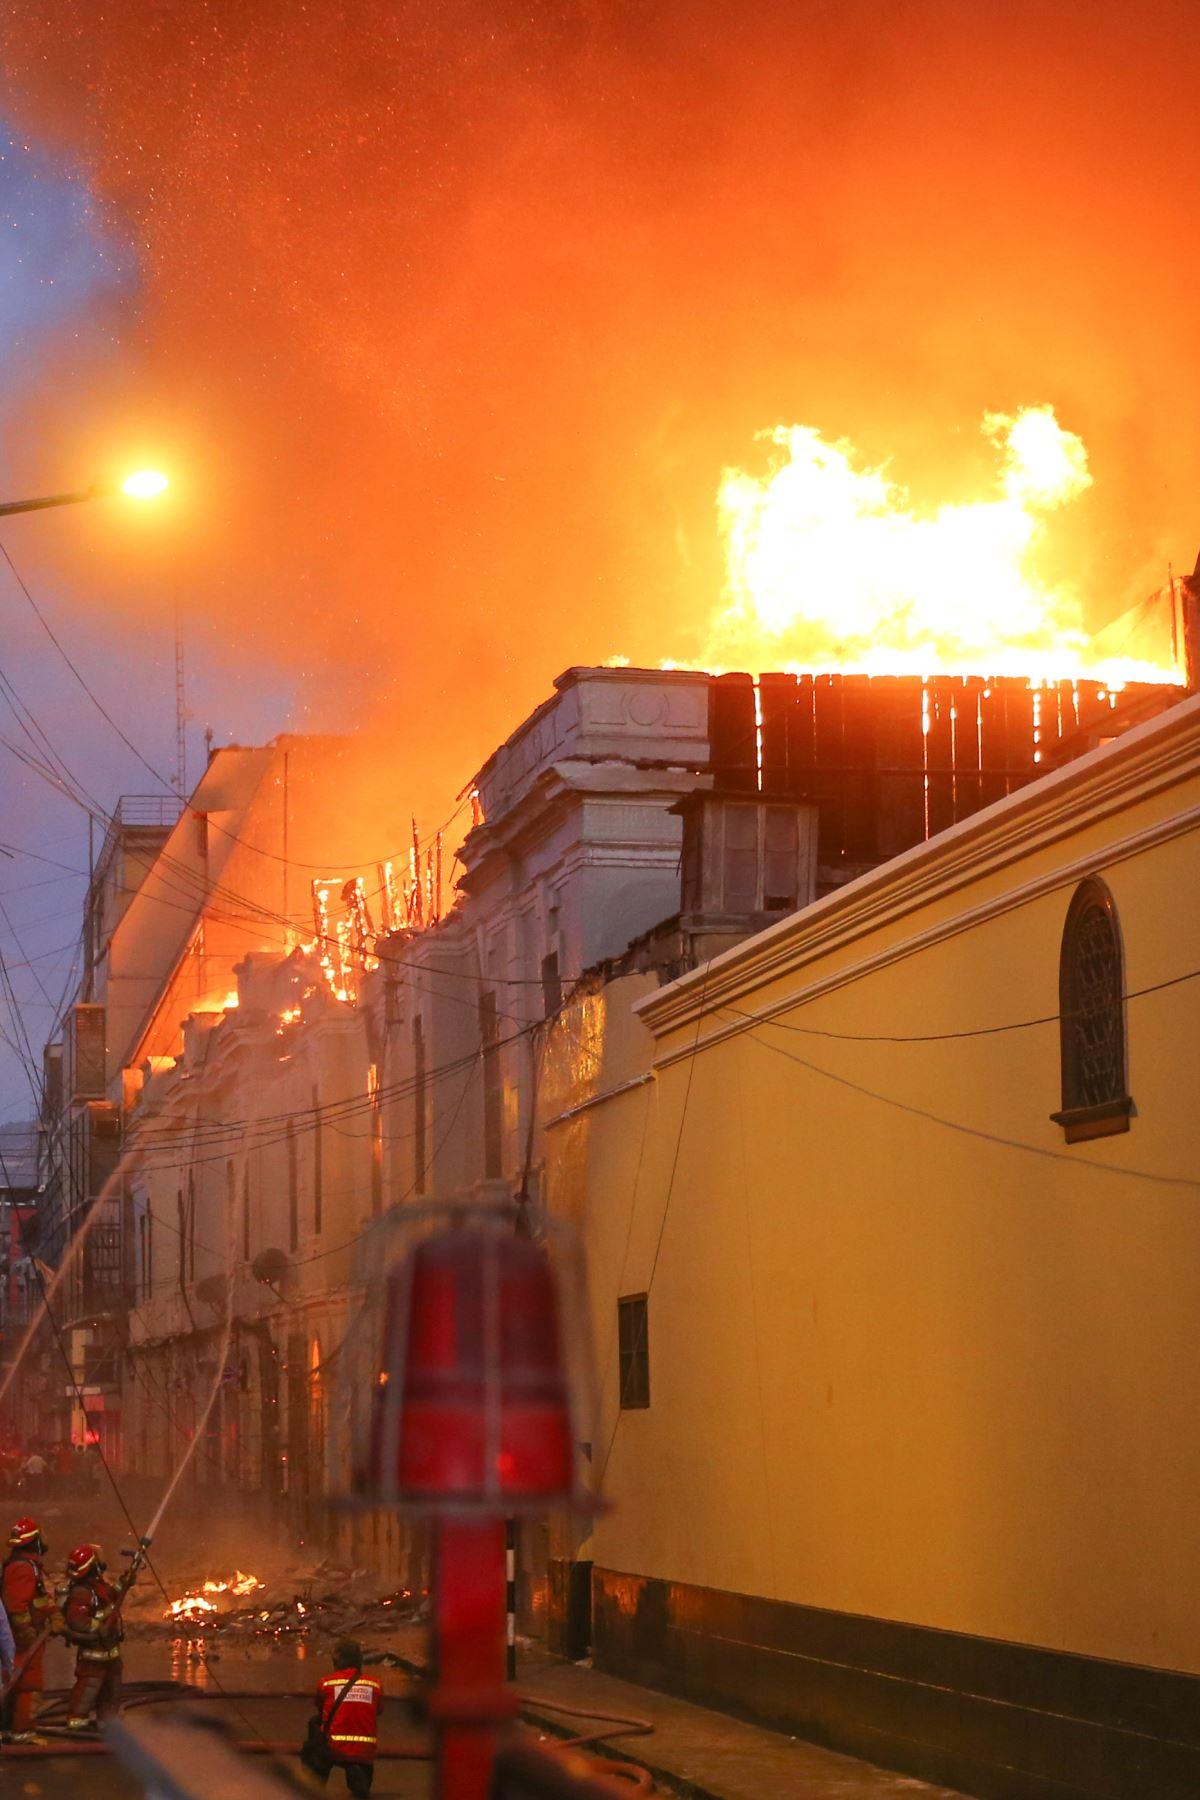 Un fuerte incendio en una zona de galerías de material noble se registra en Mesa Redonda, al interior de un depósito de productos inflamables.Foto:ANDINA:Vidal Tarqui